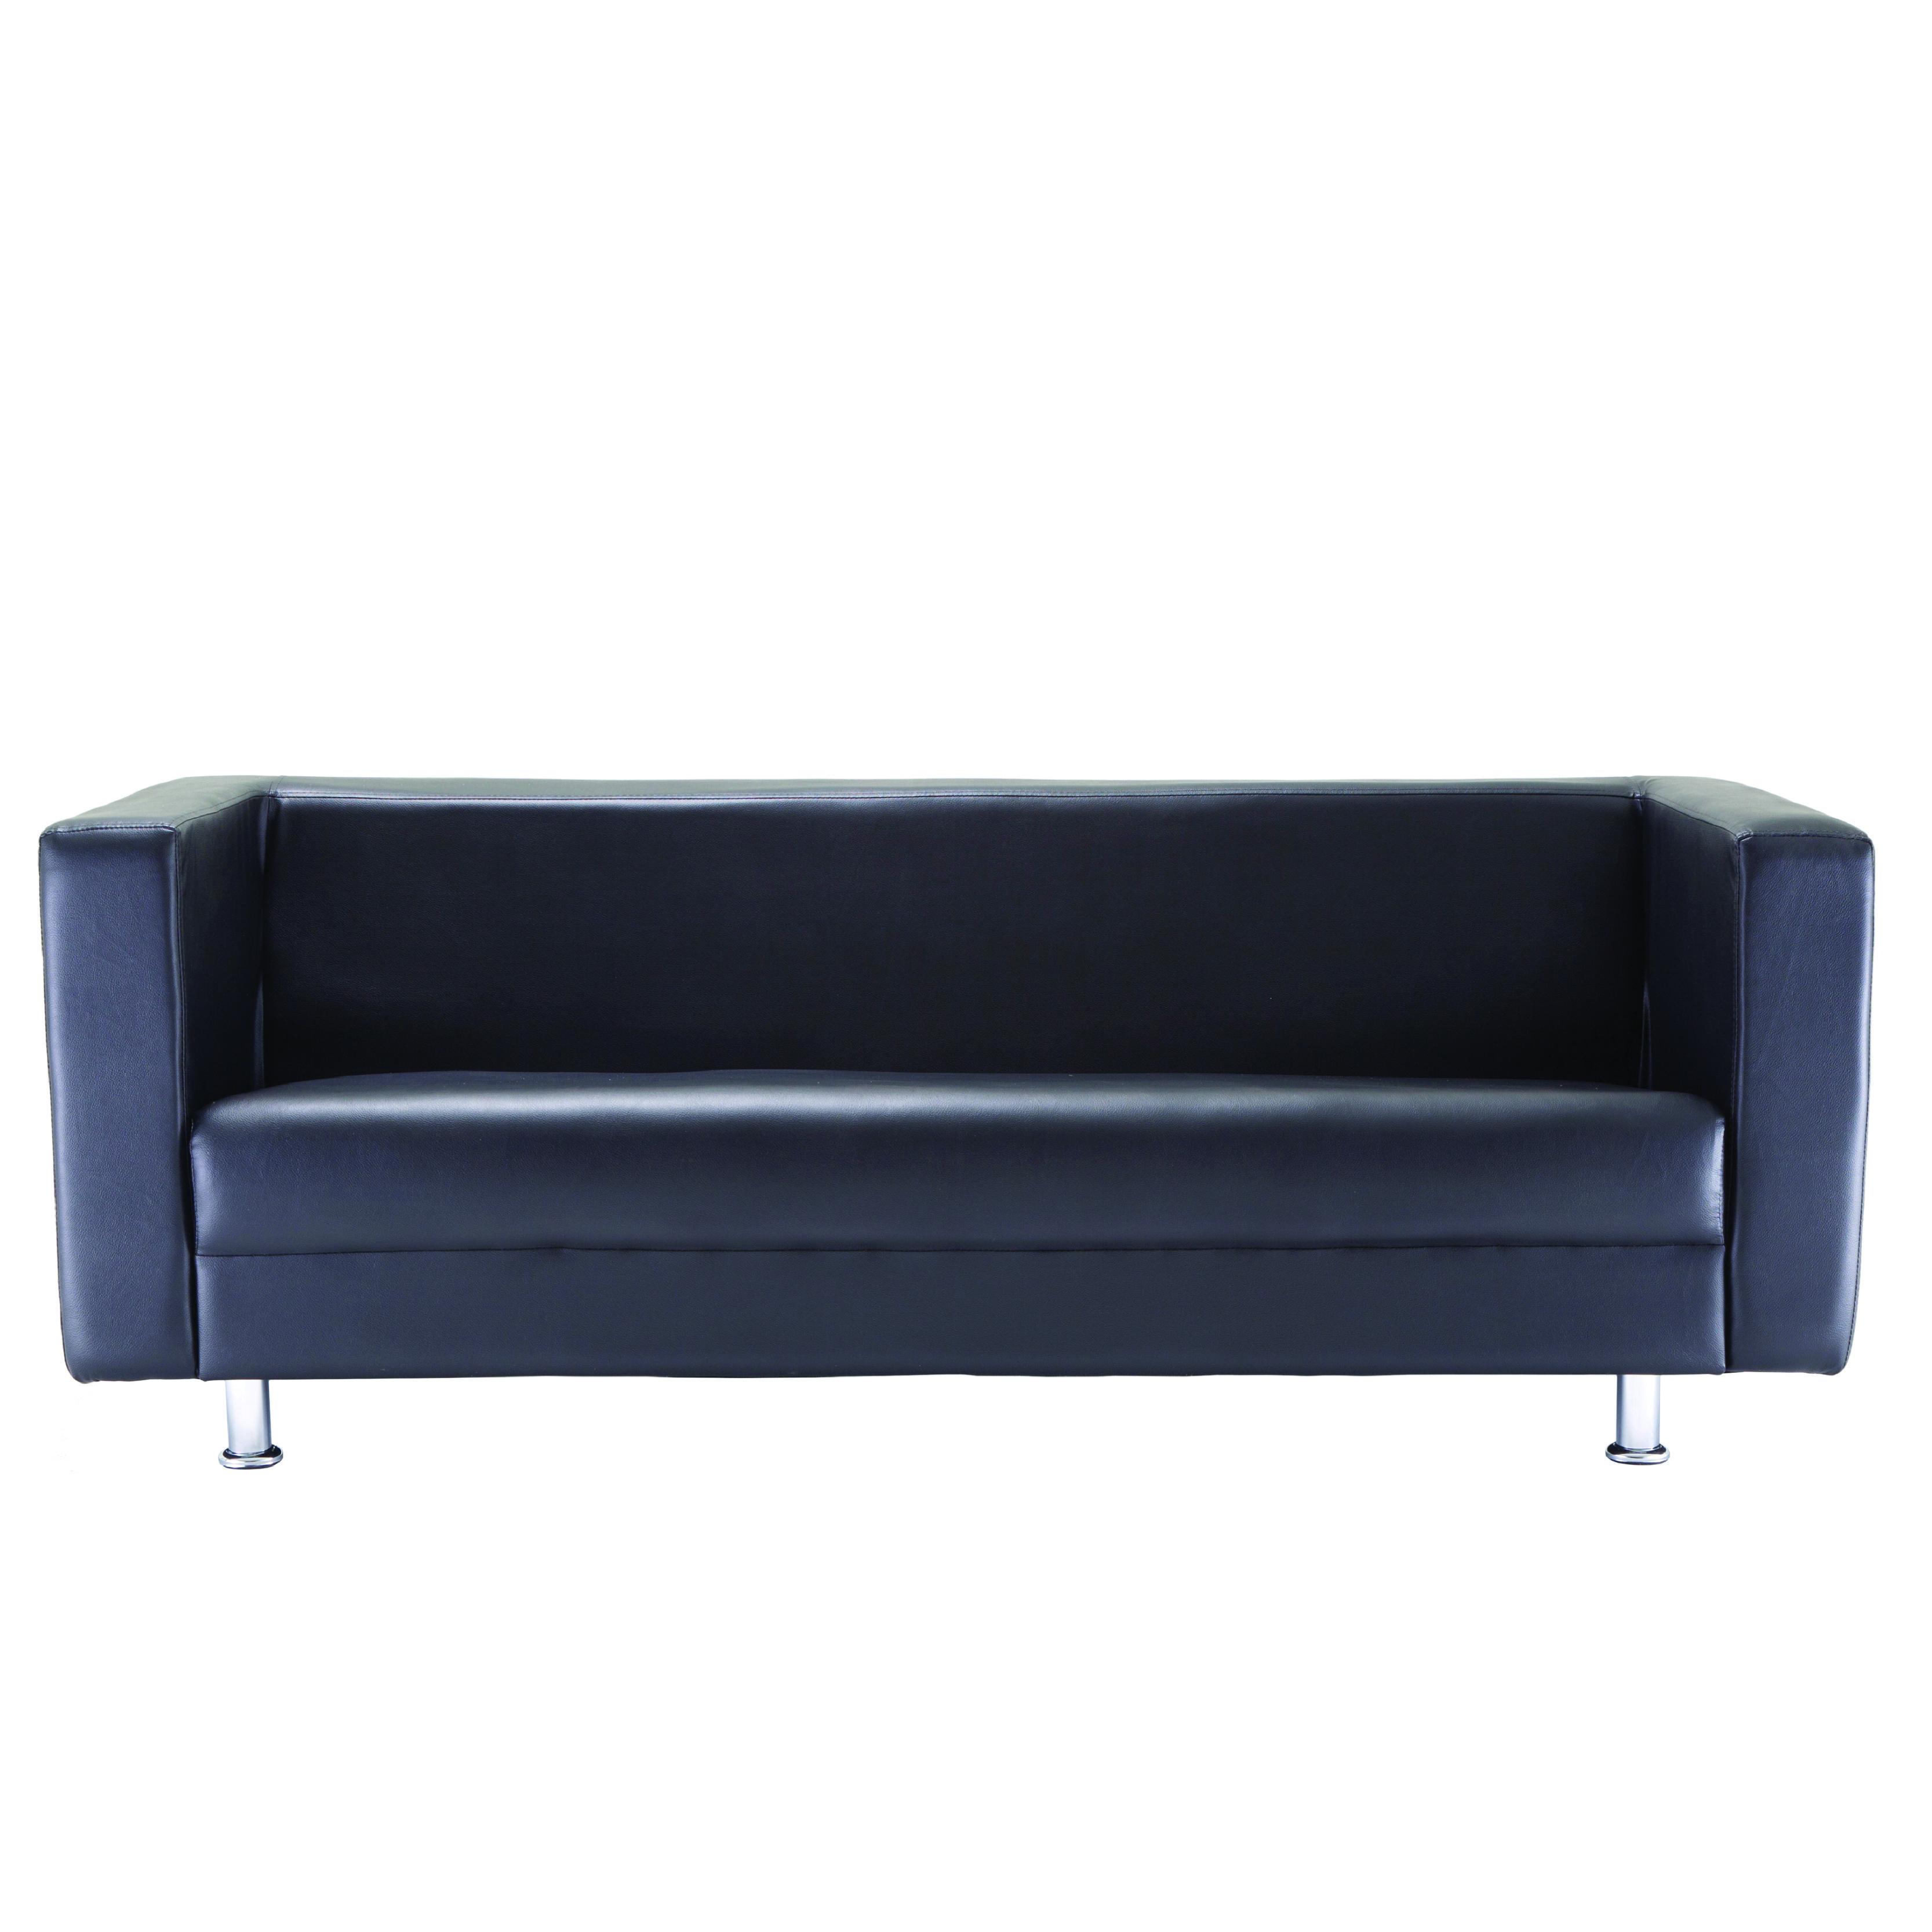 PU / Leather Office Sofa – Kedai Perabot Sin Hup Fatt Ipoh